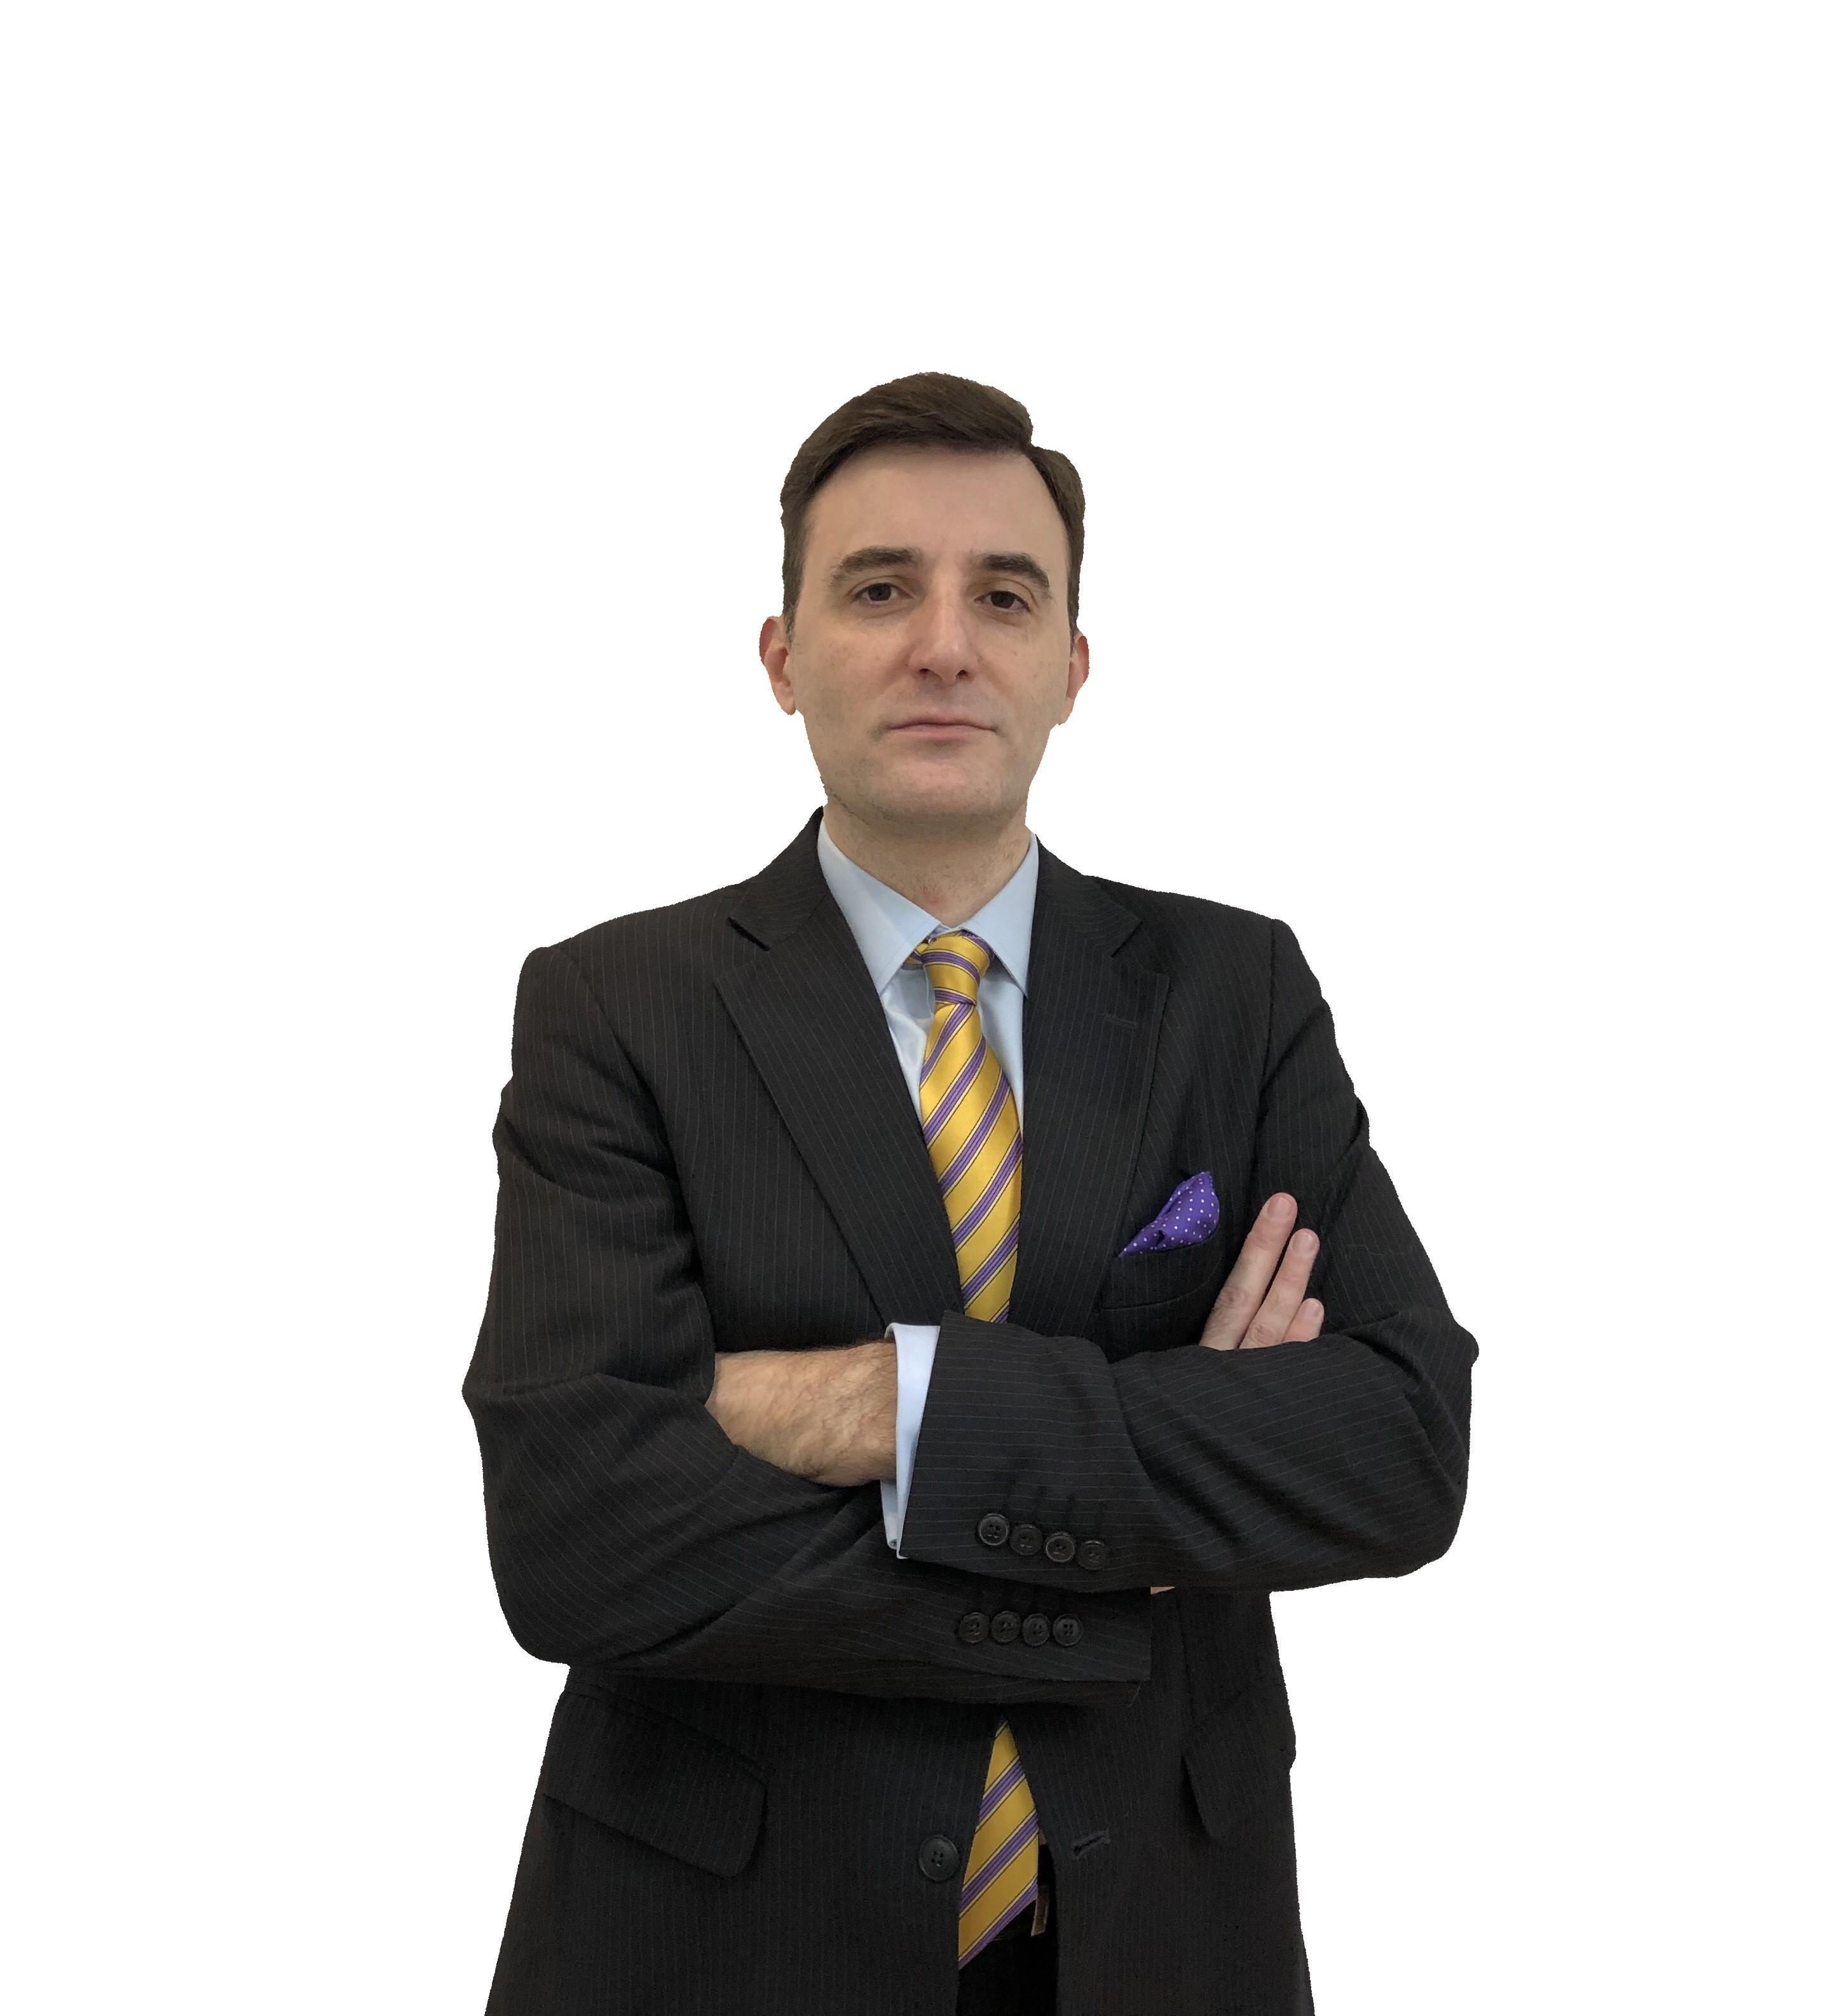 Juan Salvador Trupia Rodríguez